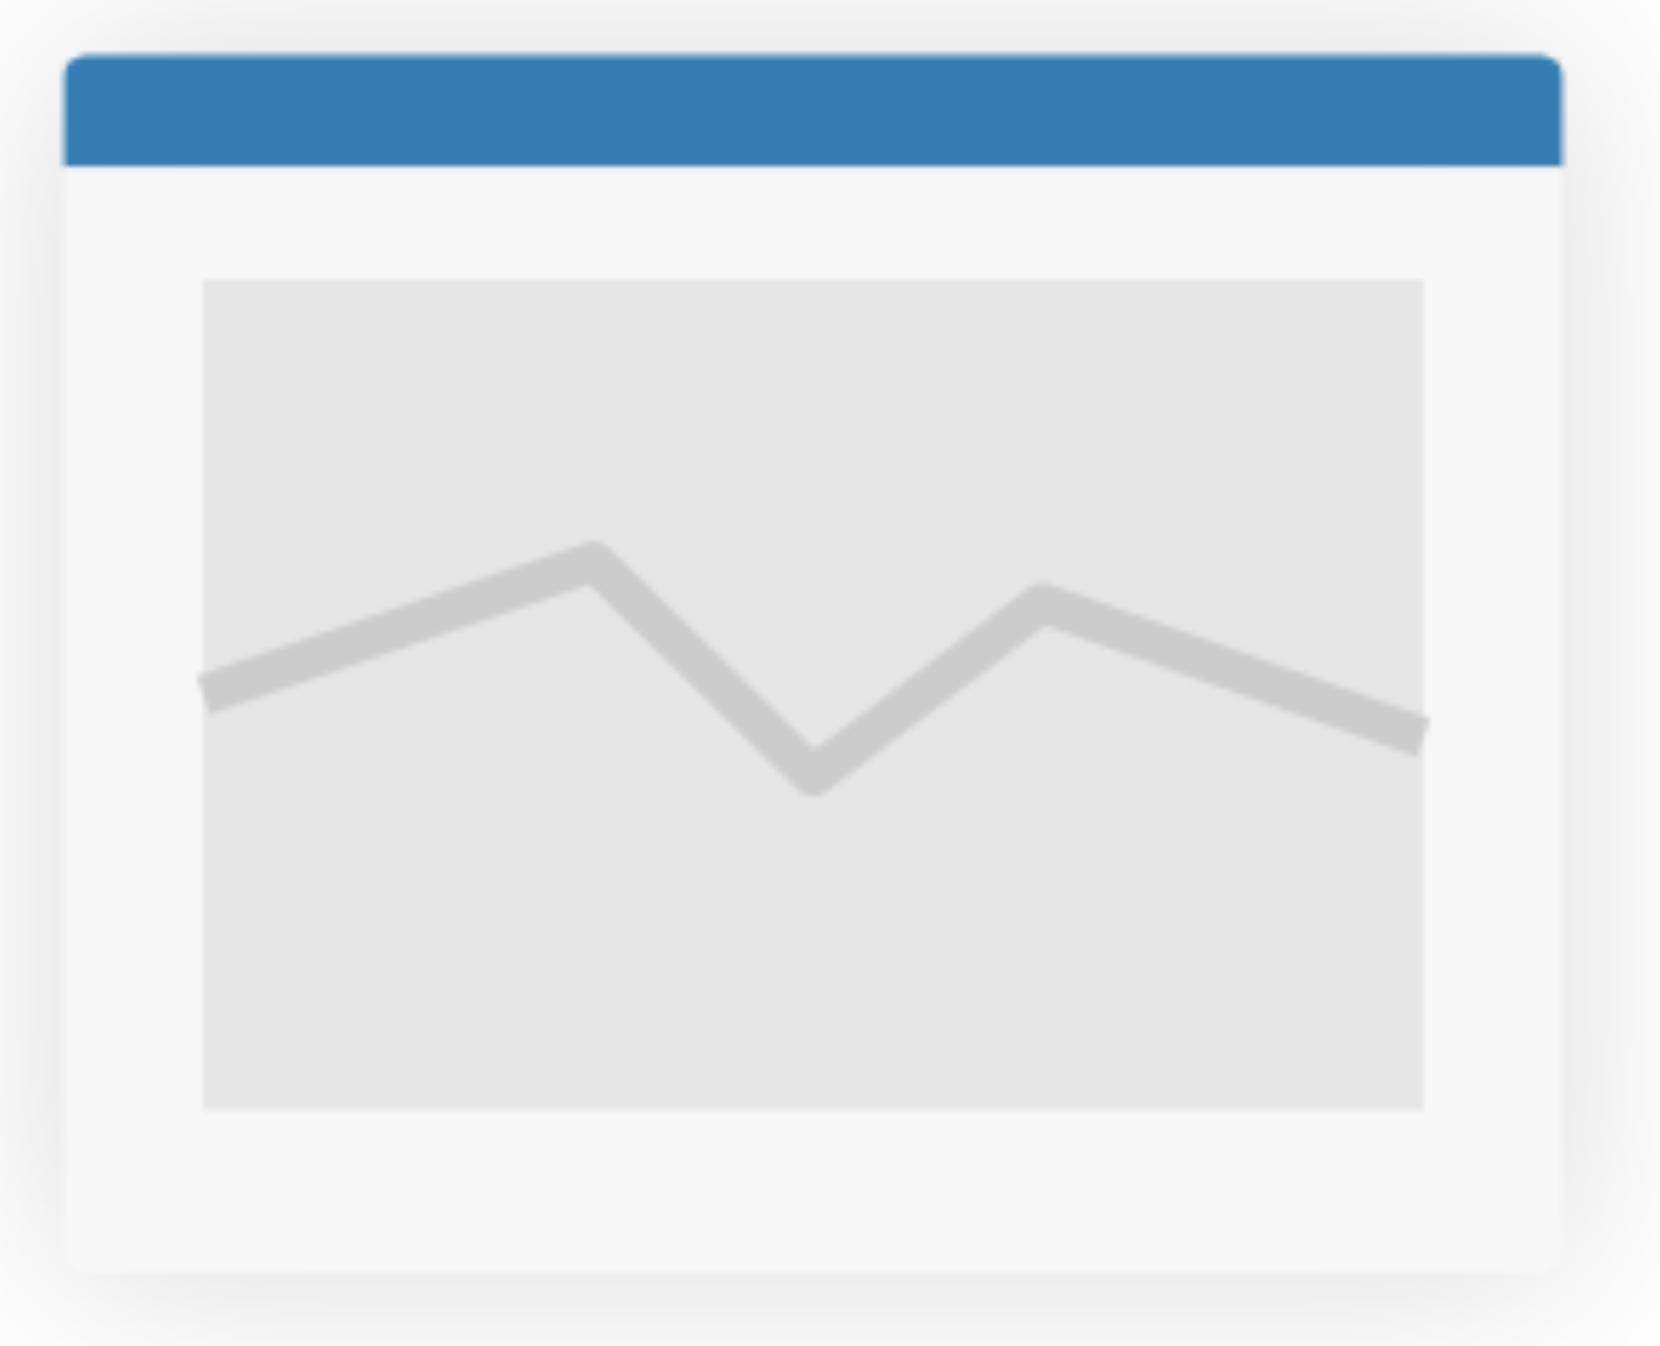 Tracking mini-icon